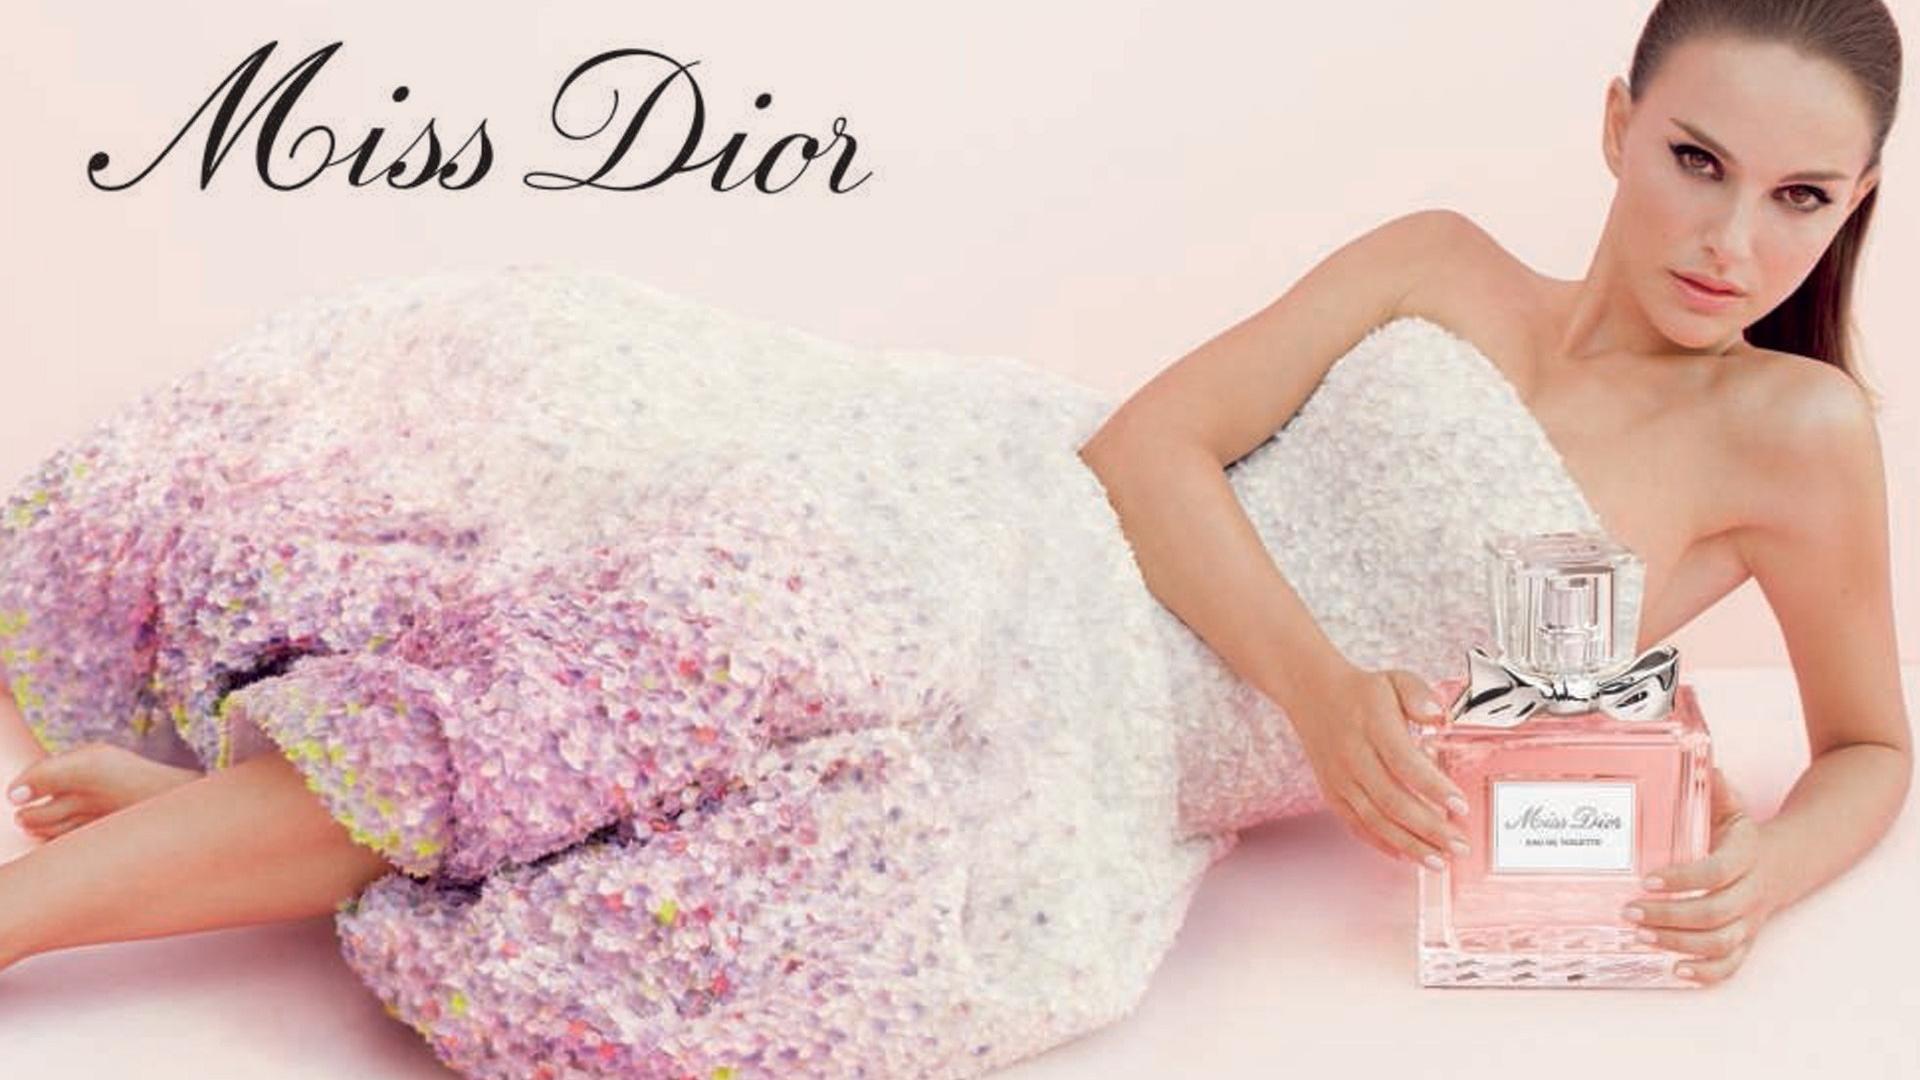 Dior hd wallpaper download